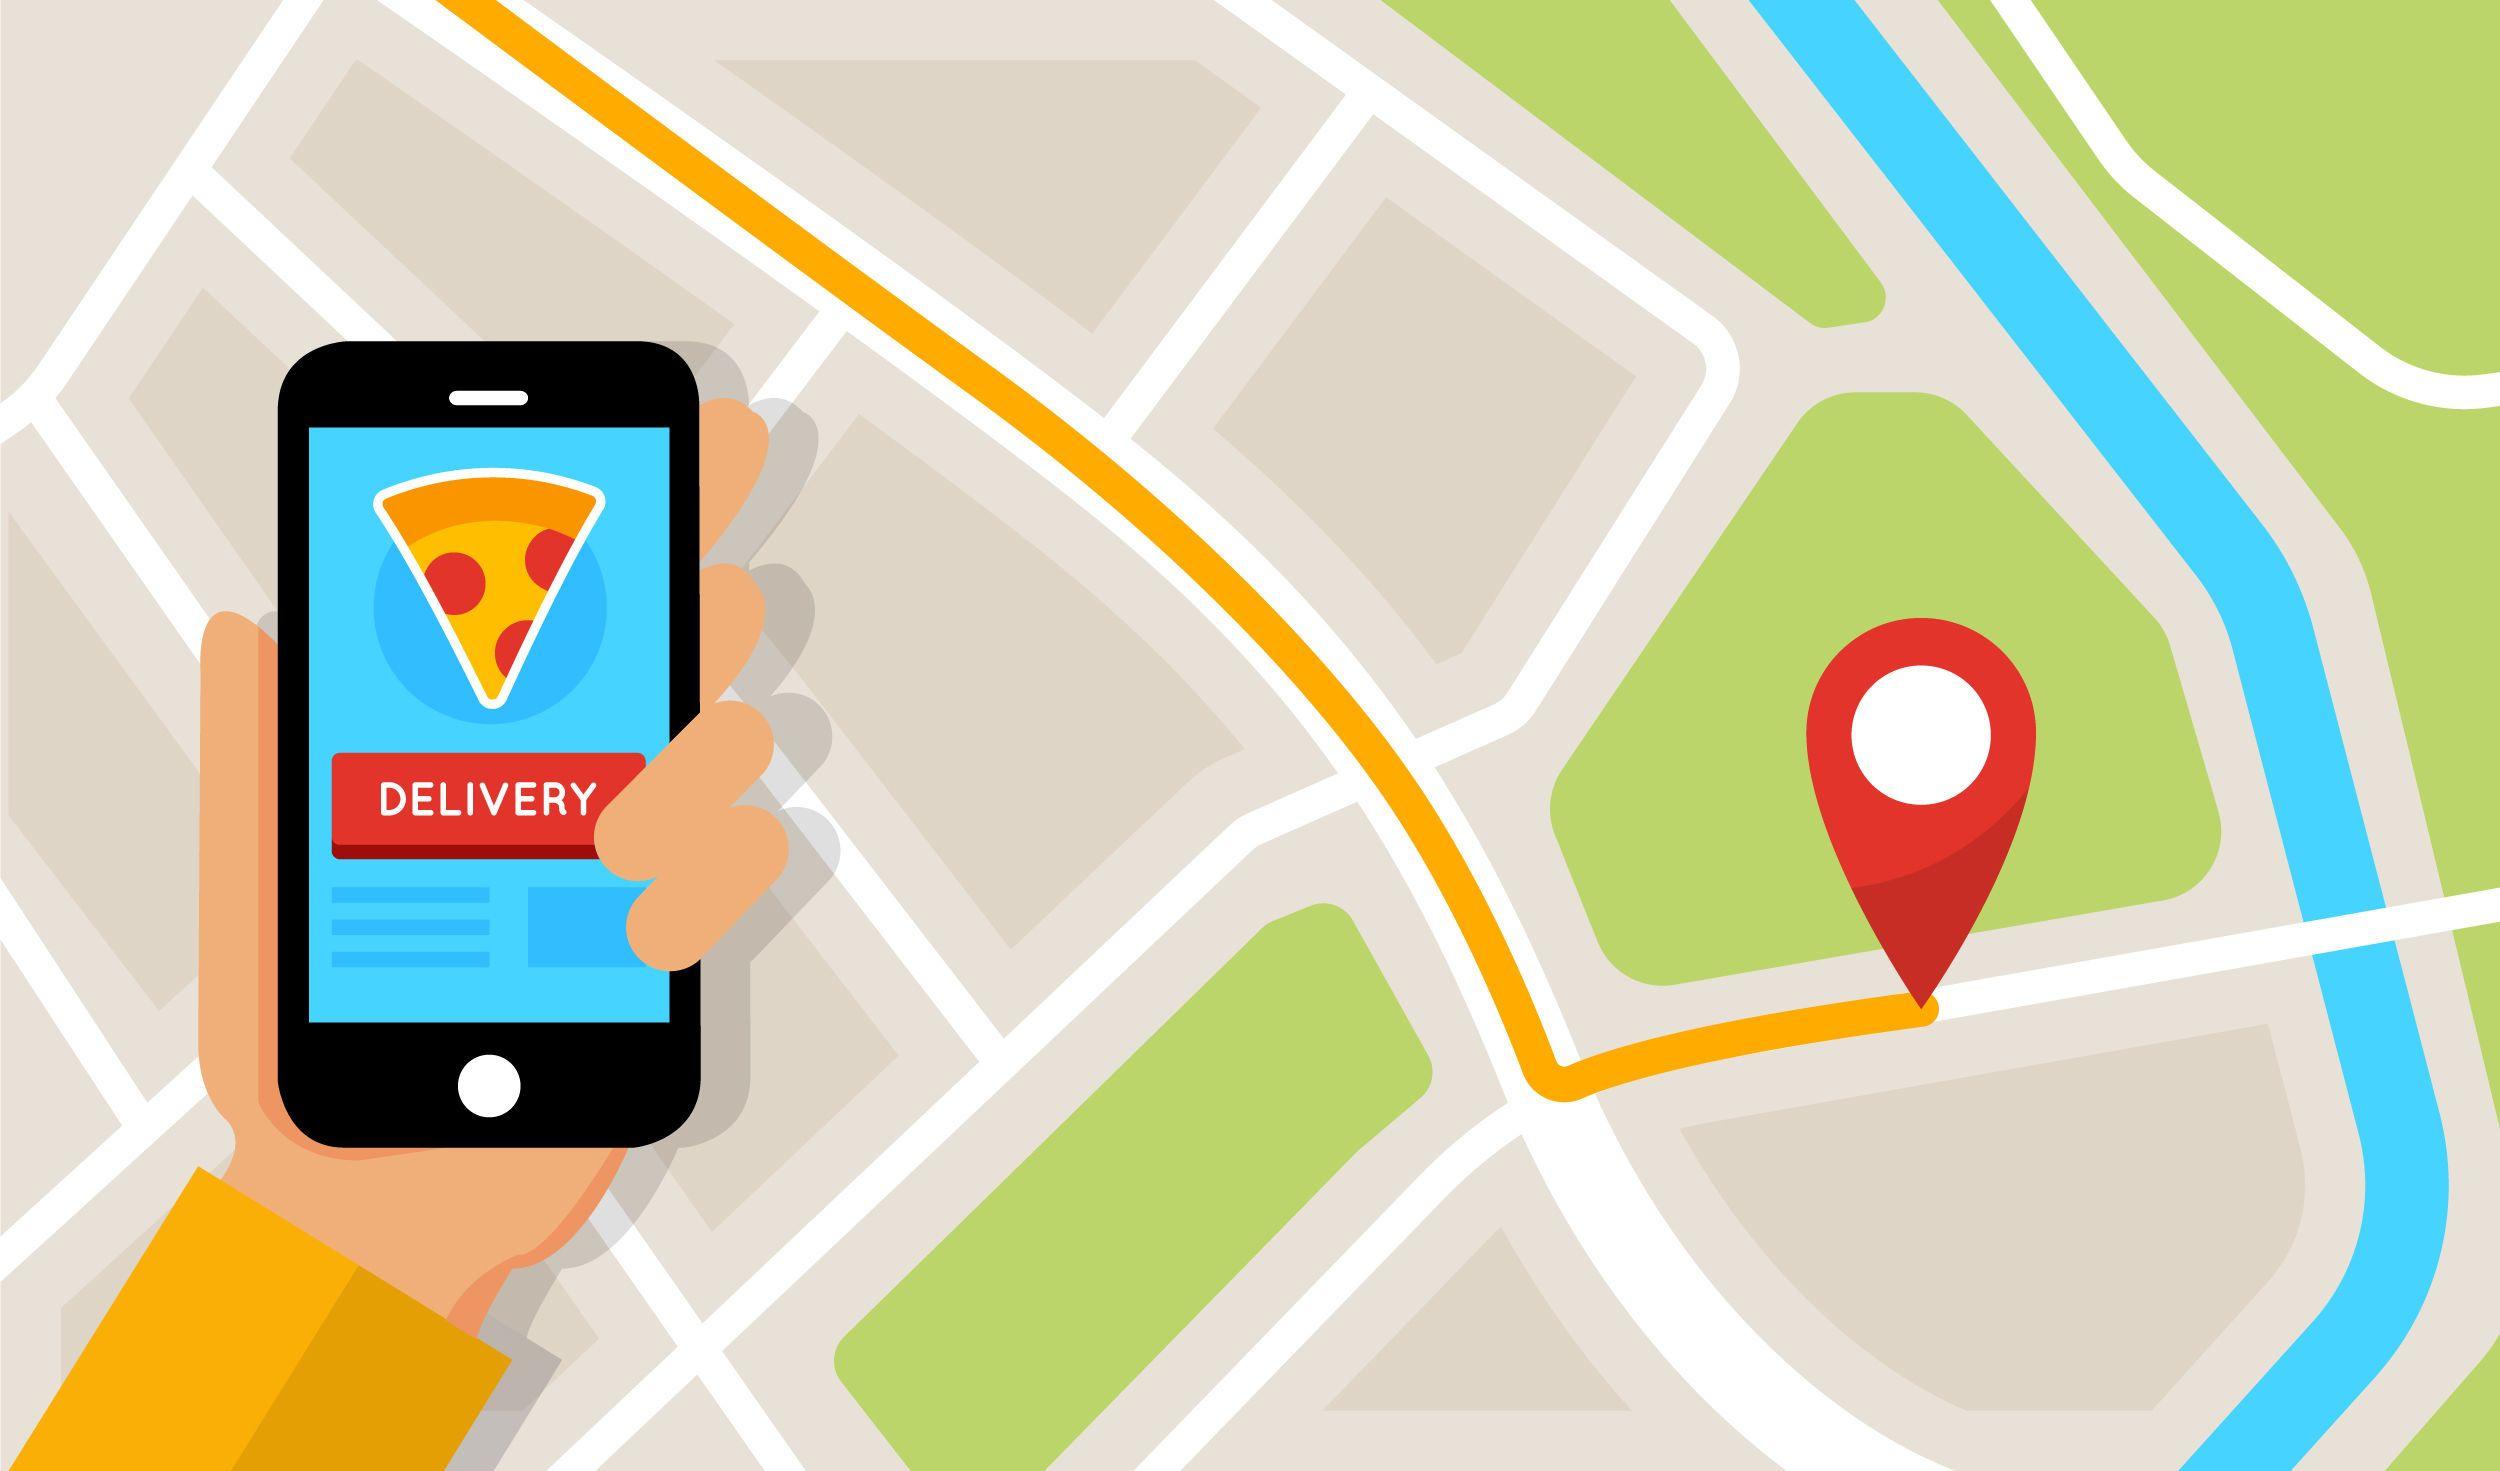 Pantalla de aplicaci?n plana de mapa de entrega